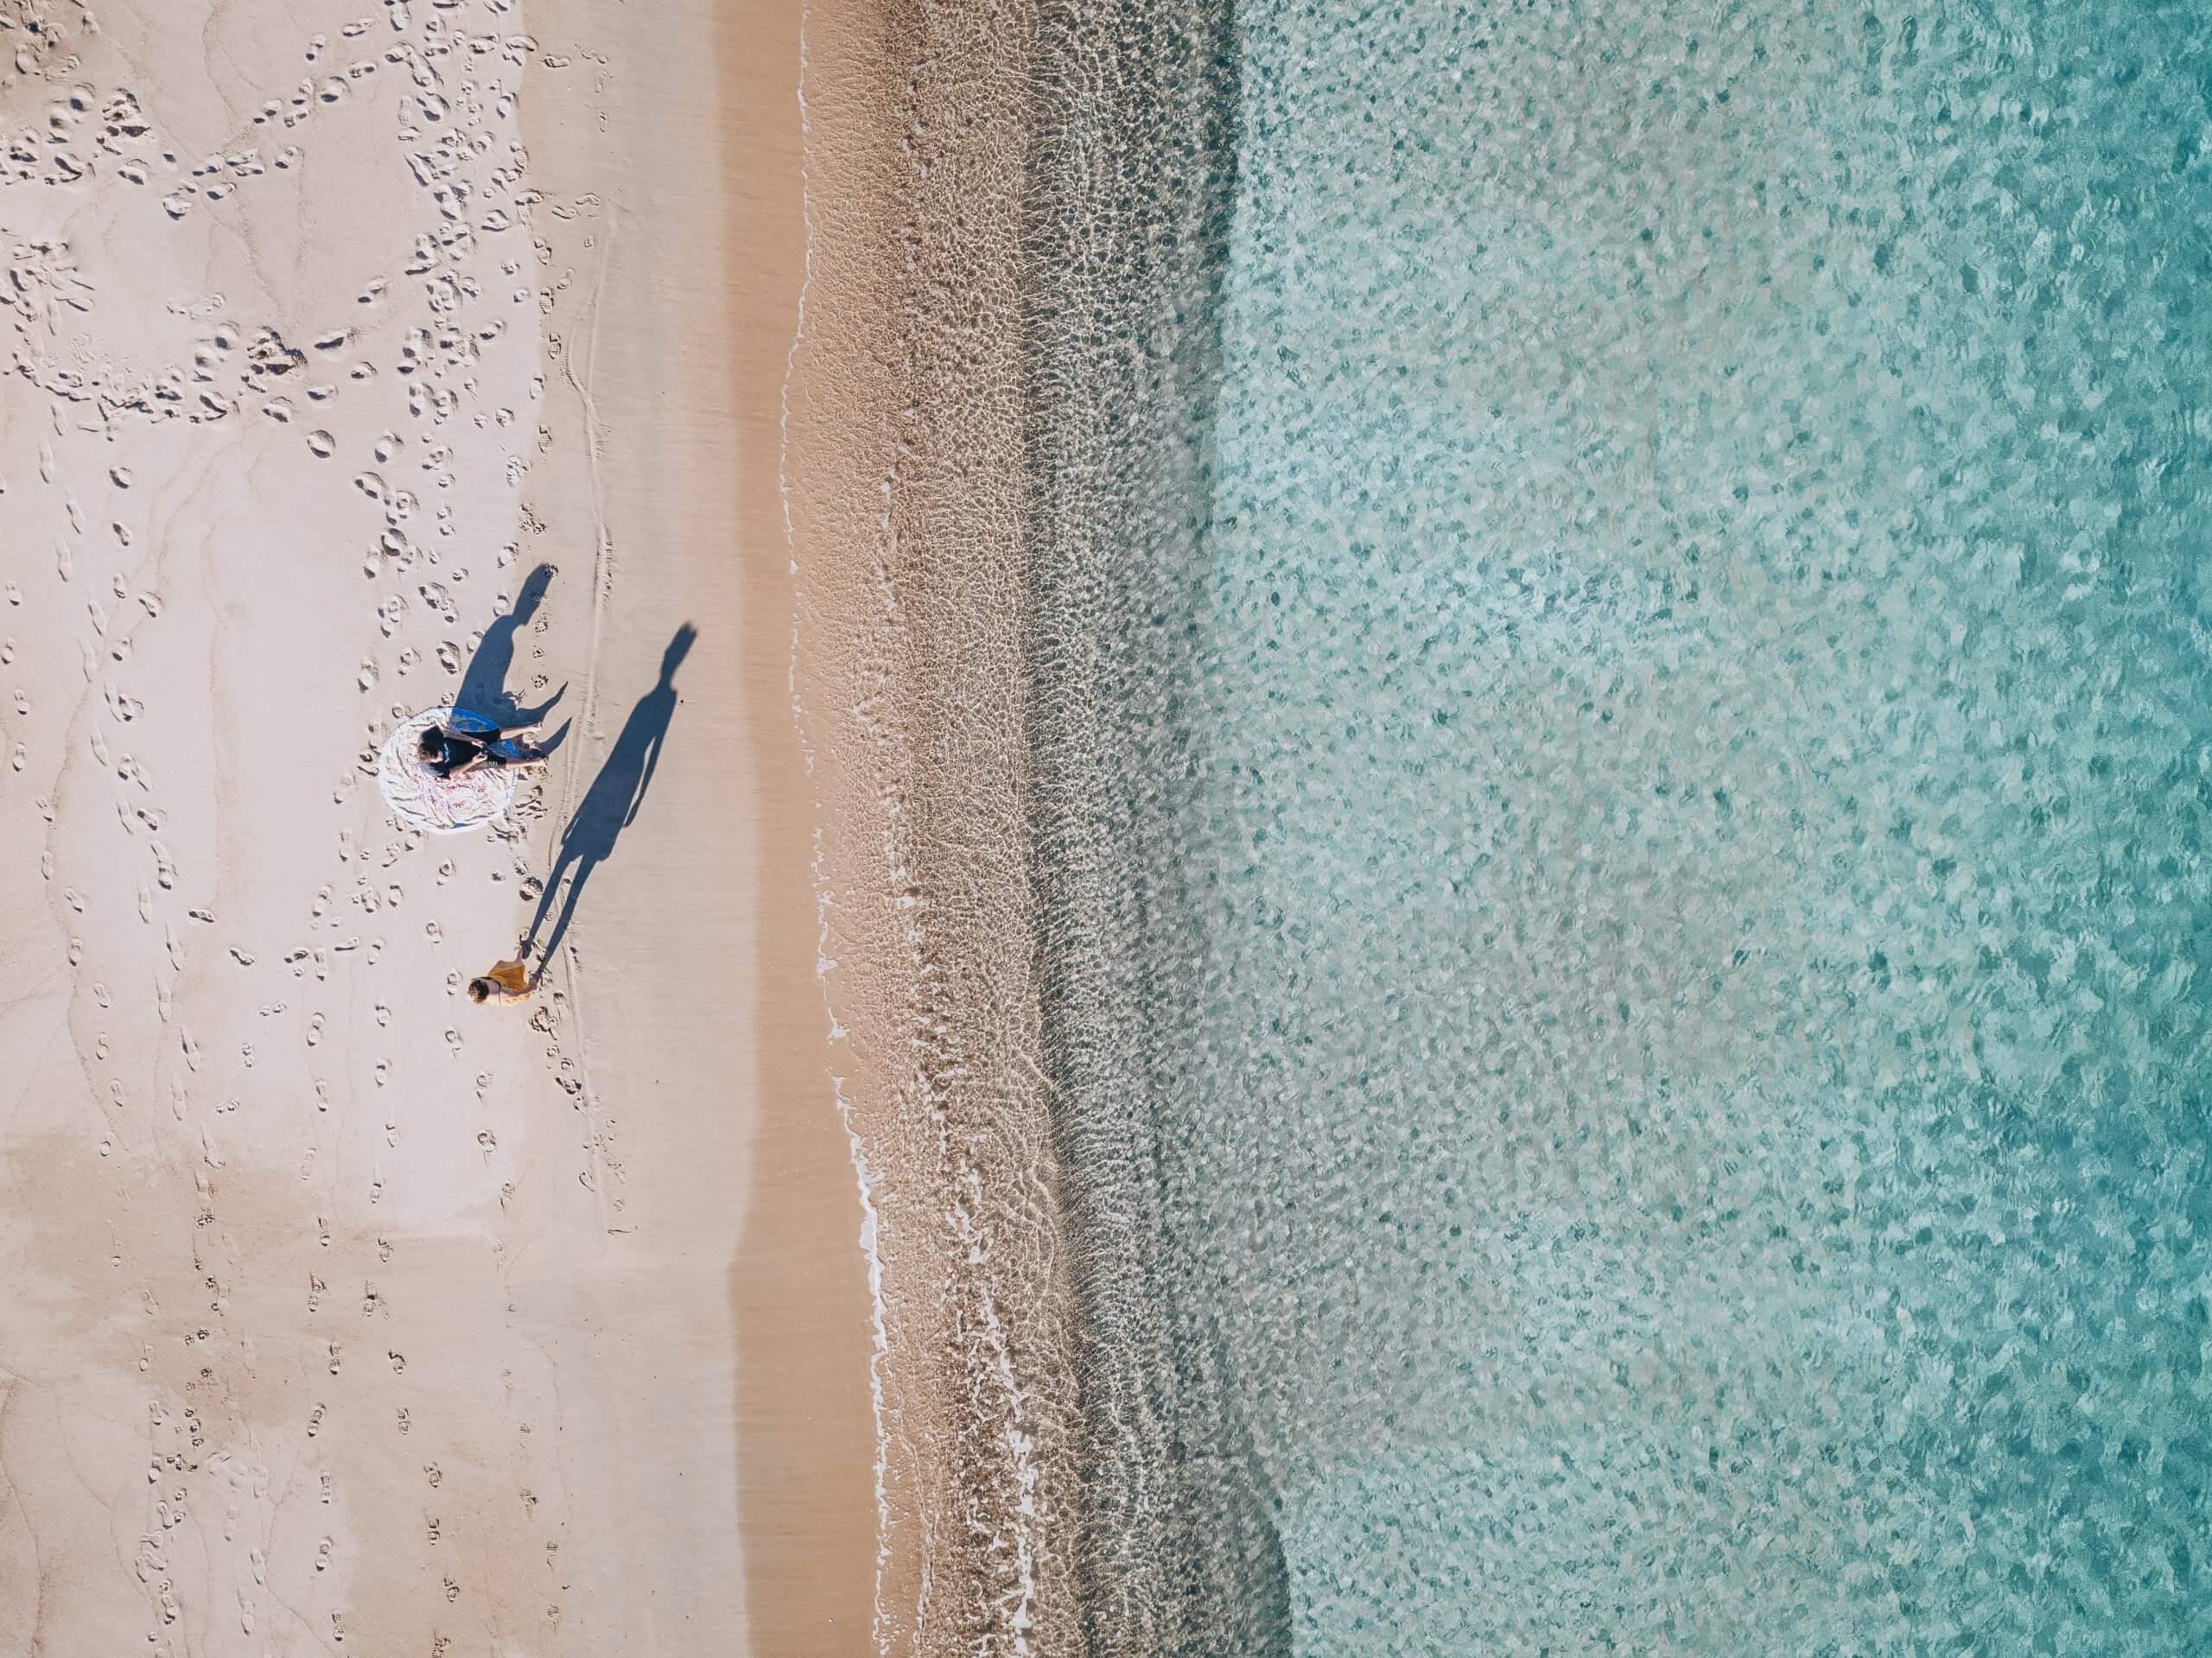 einer der größten Strände an der Costa Smeralda: die Spiaggia Liscia Ruia